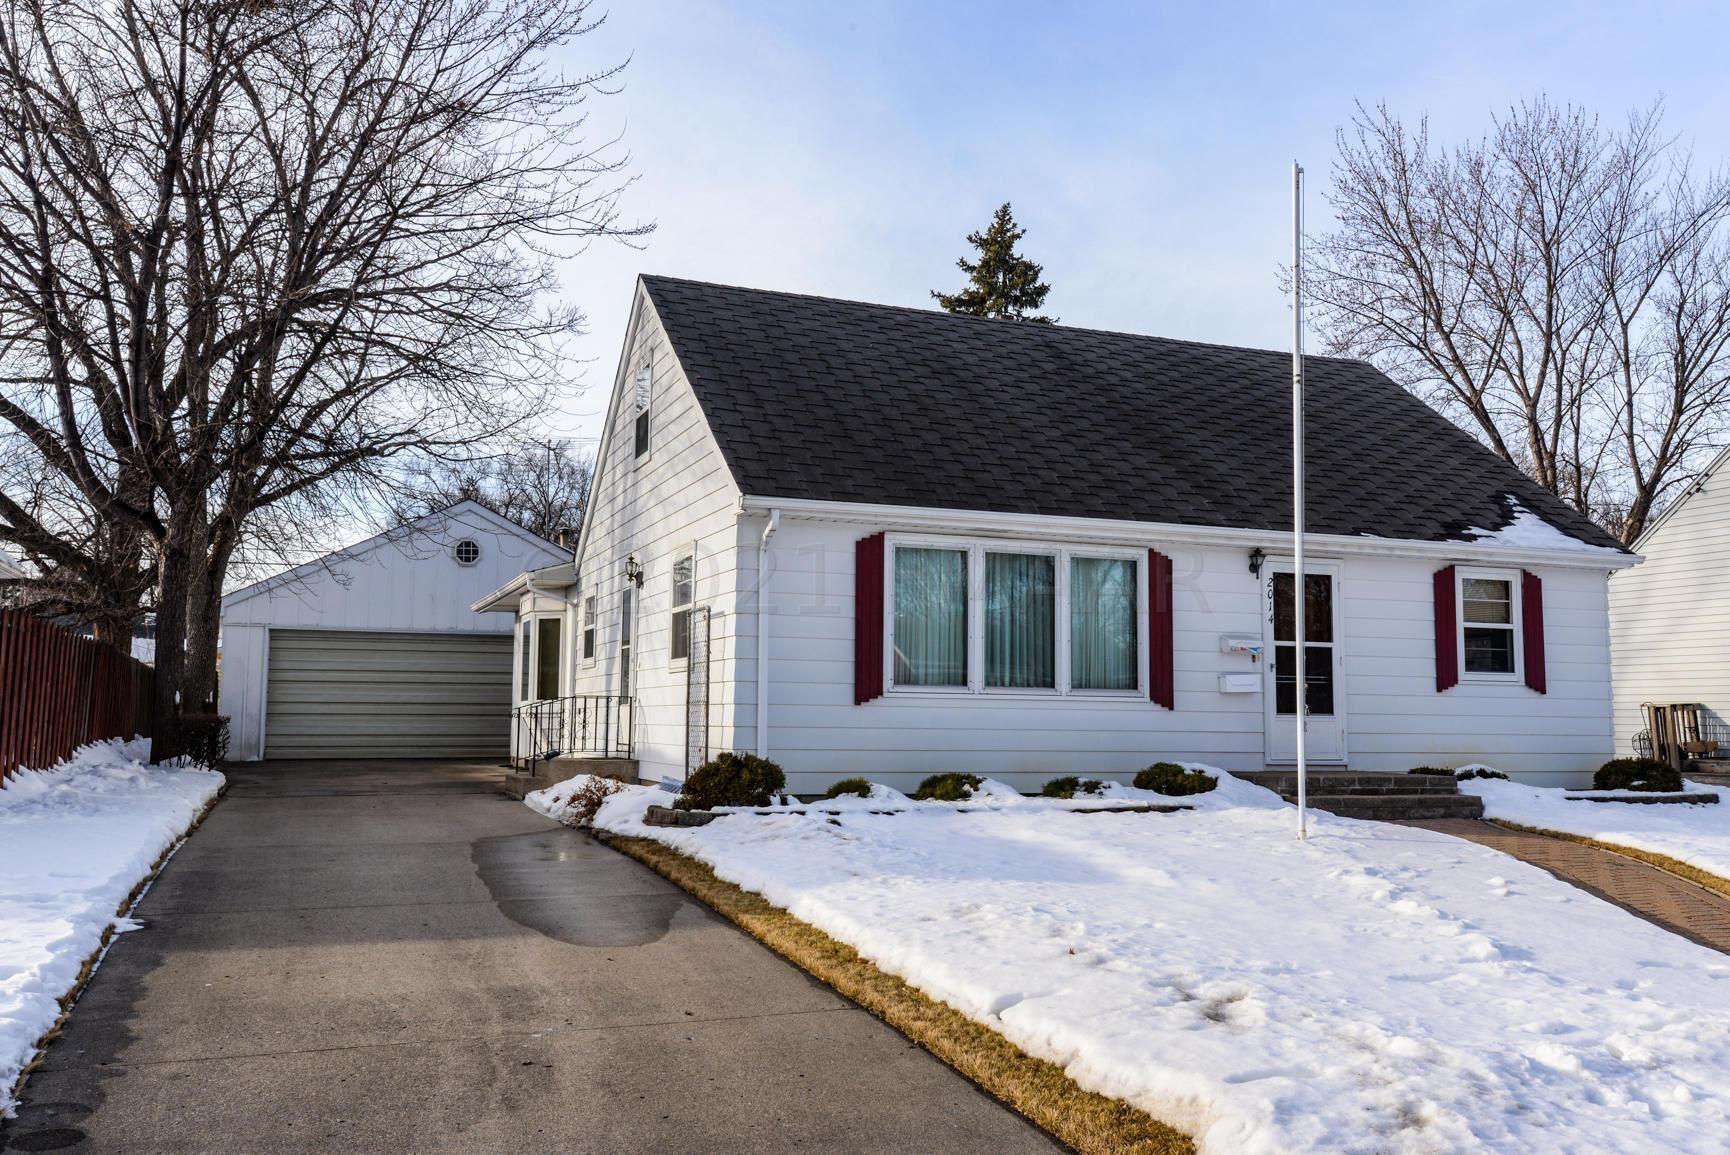 2014 8 Street N, Fargo, ND 58102 - #: 20-5956